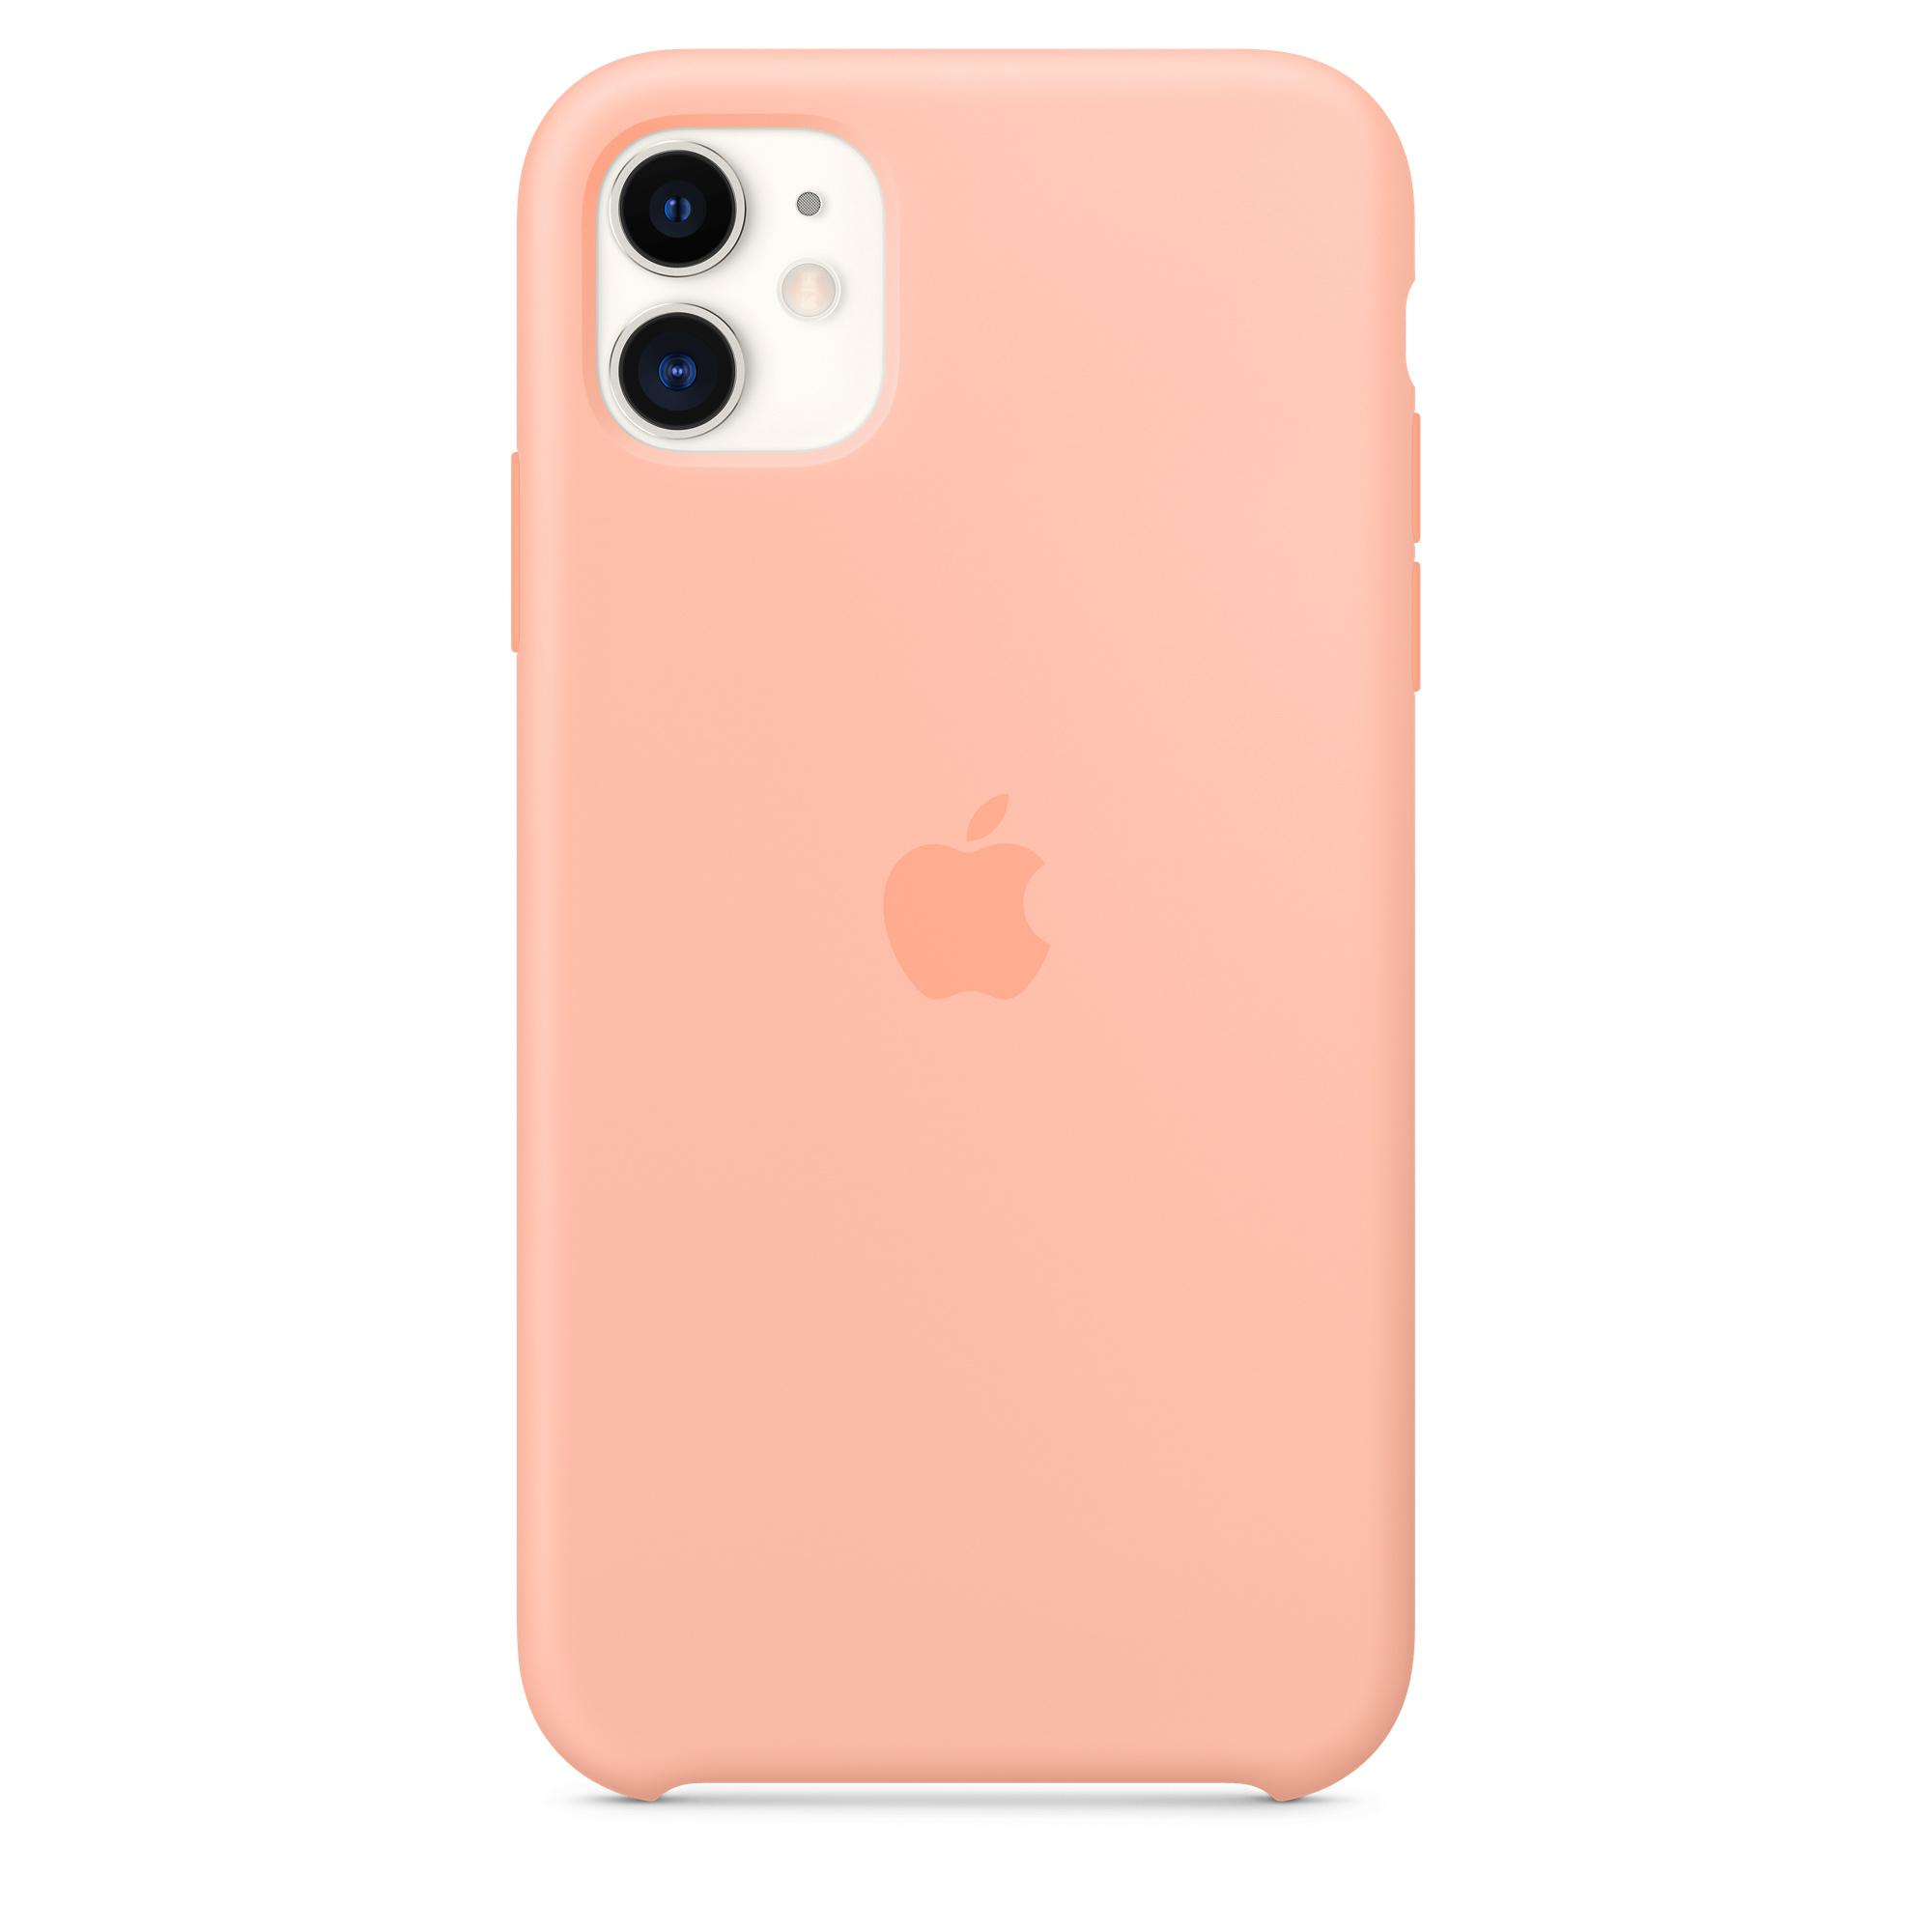 Iphone 11 Silicone Case Grapefruit Apple Ae